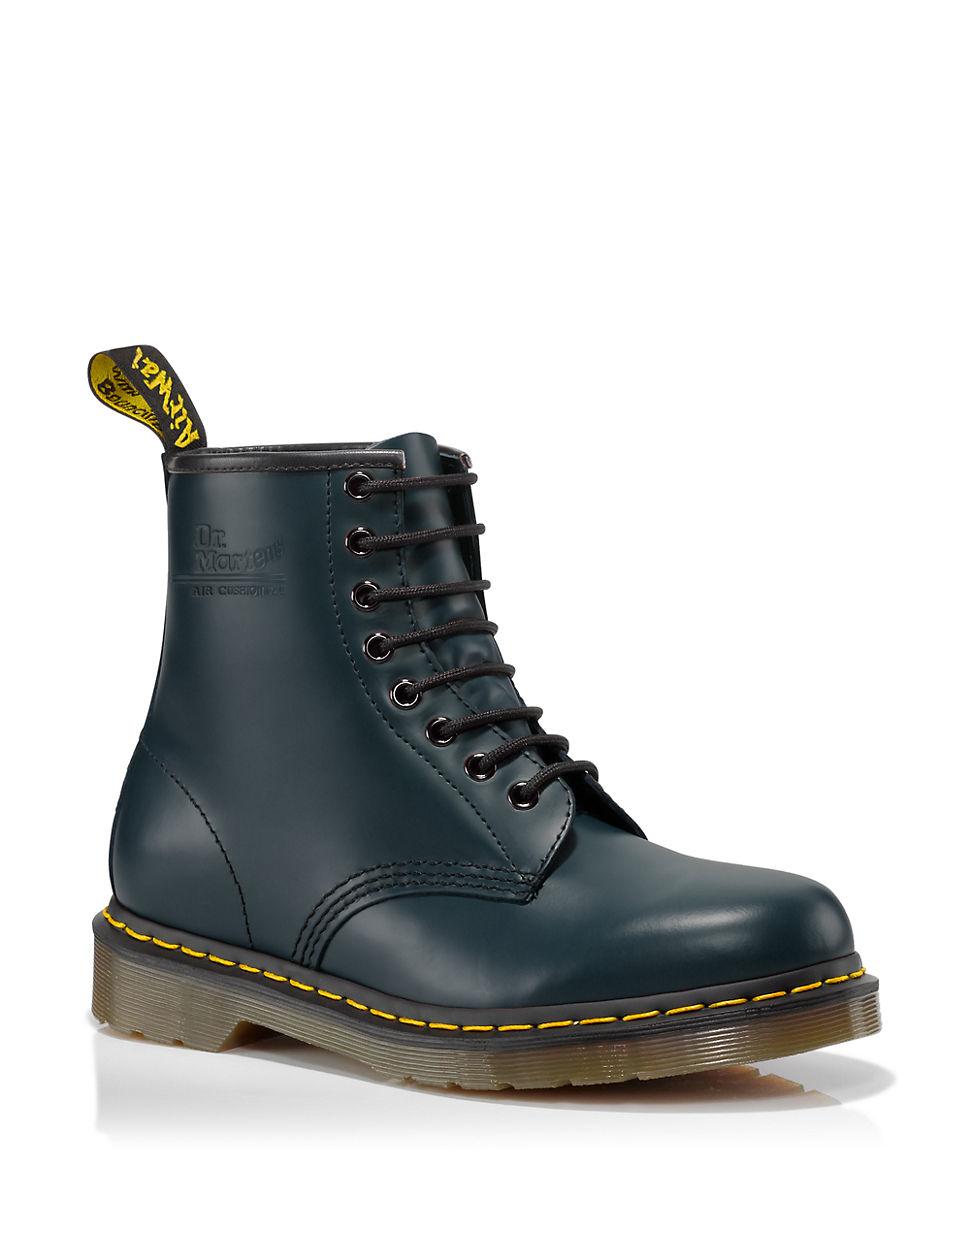 dr martens 1460 leather boot in blue for men lyst. Black Bedroom Furniture Sets. Home Design Ideas